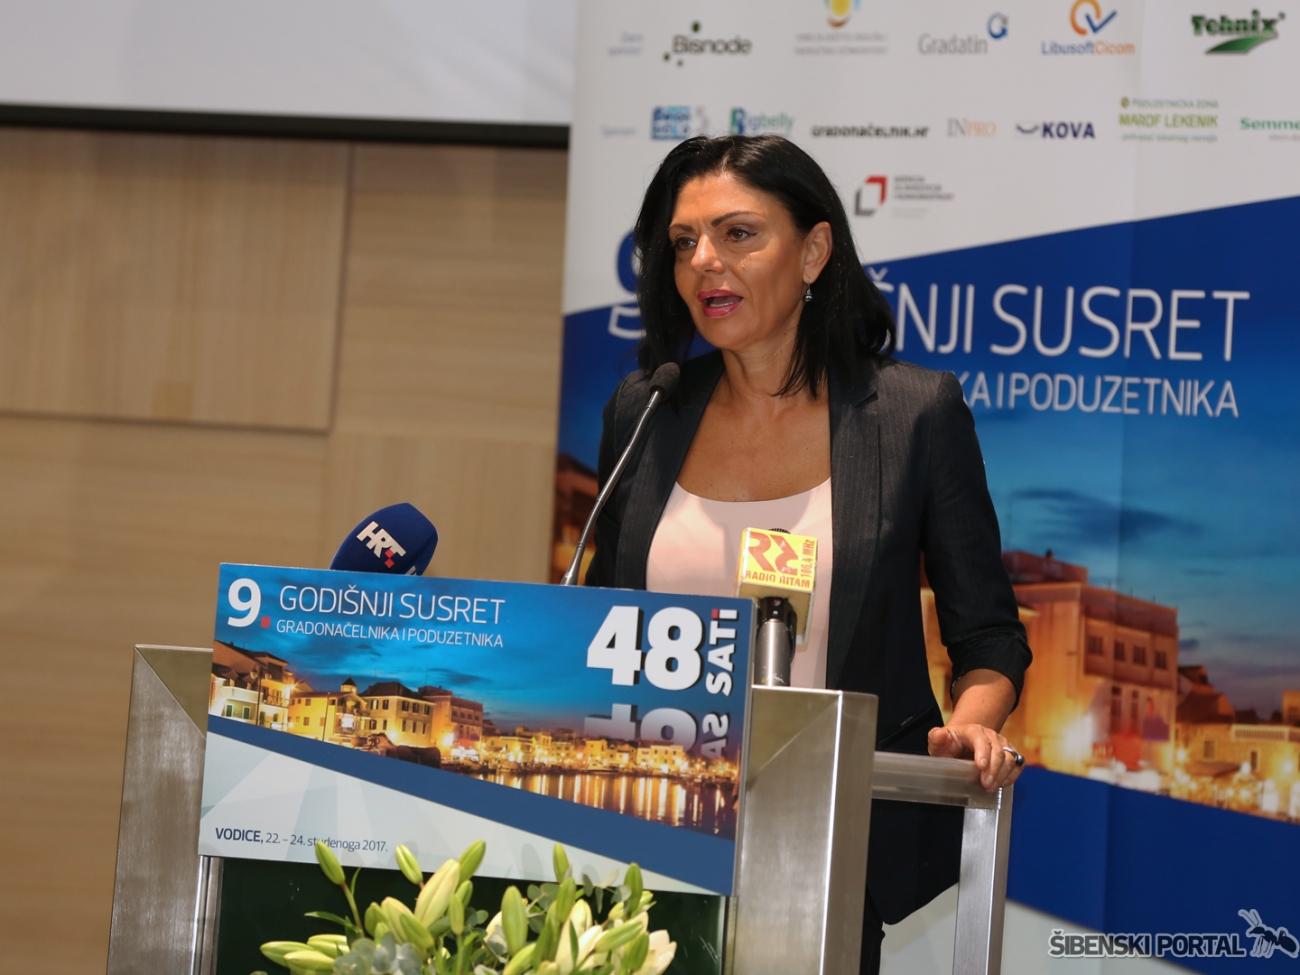 vodice 9 godisnji susret gradonacelnika i poduzetnika nelka tomic 231117 4